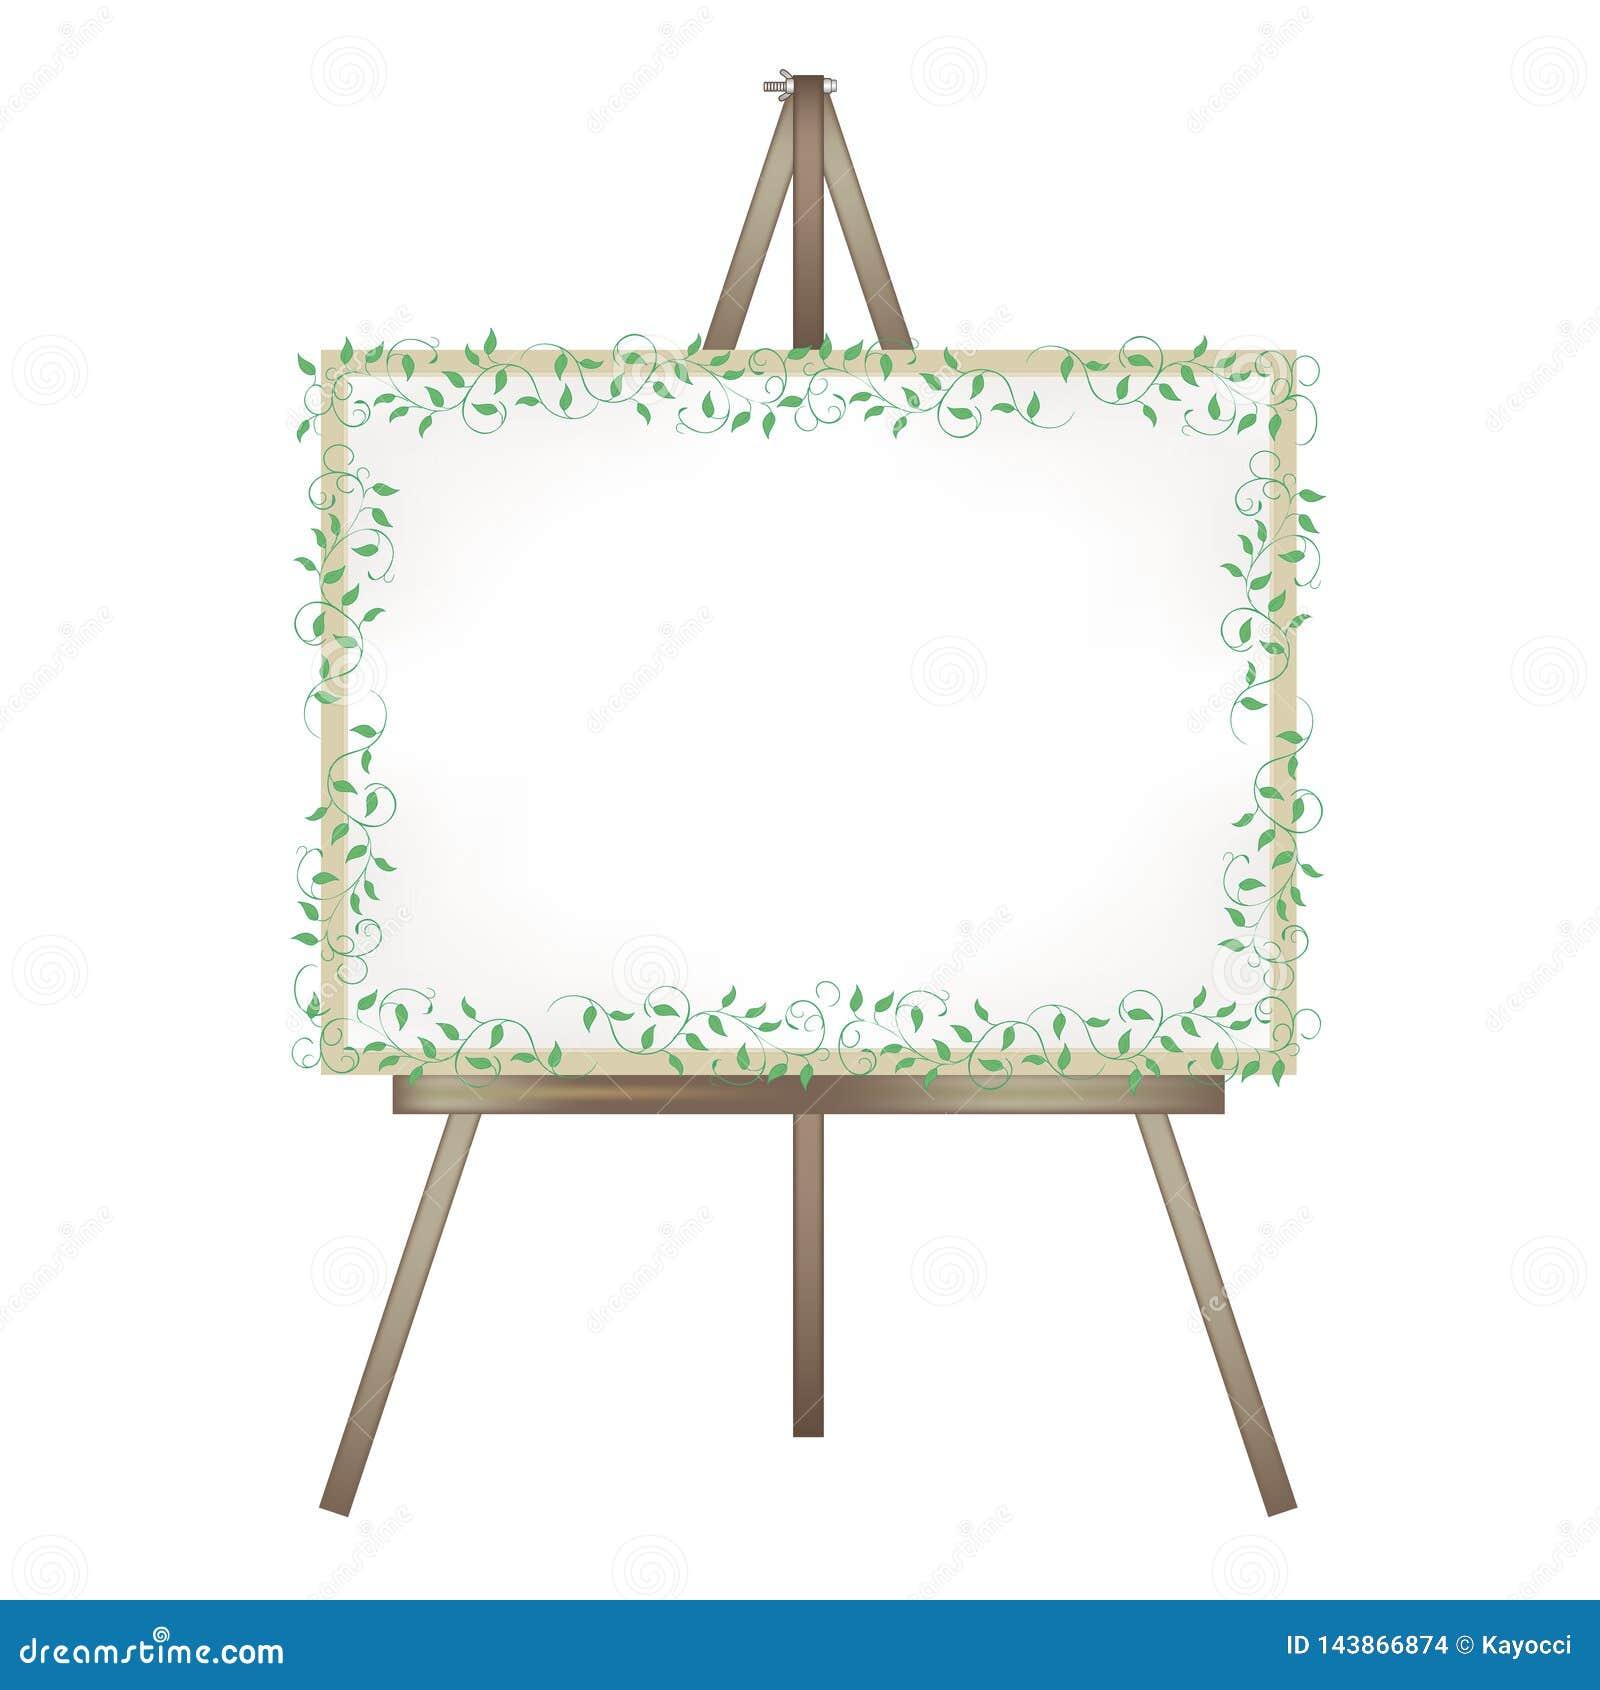 Chevalet de toile - décoration de lierre